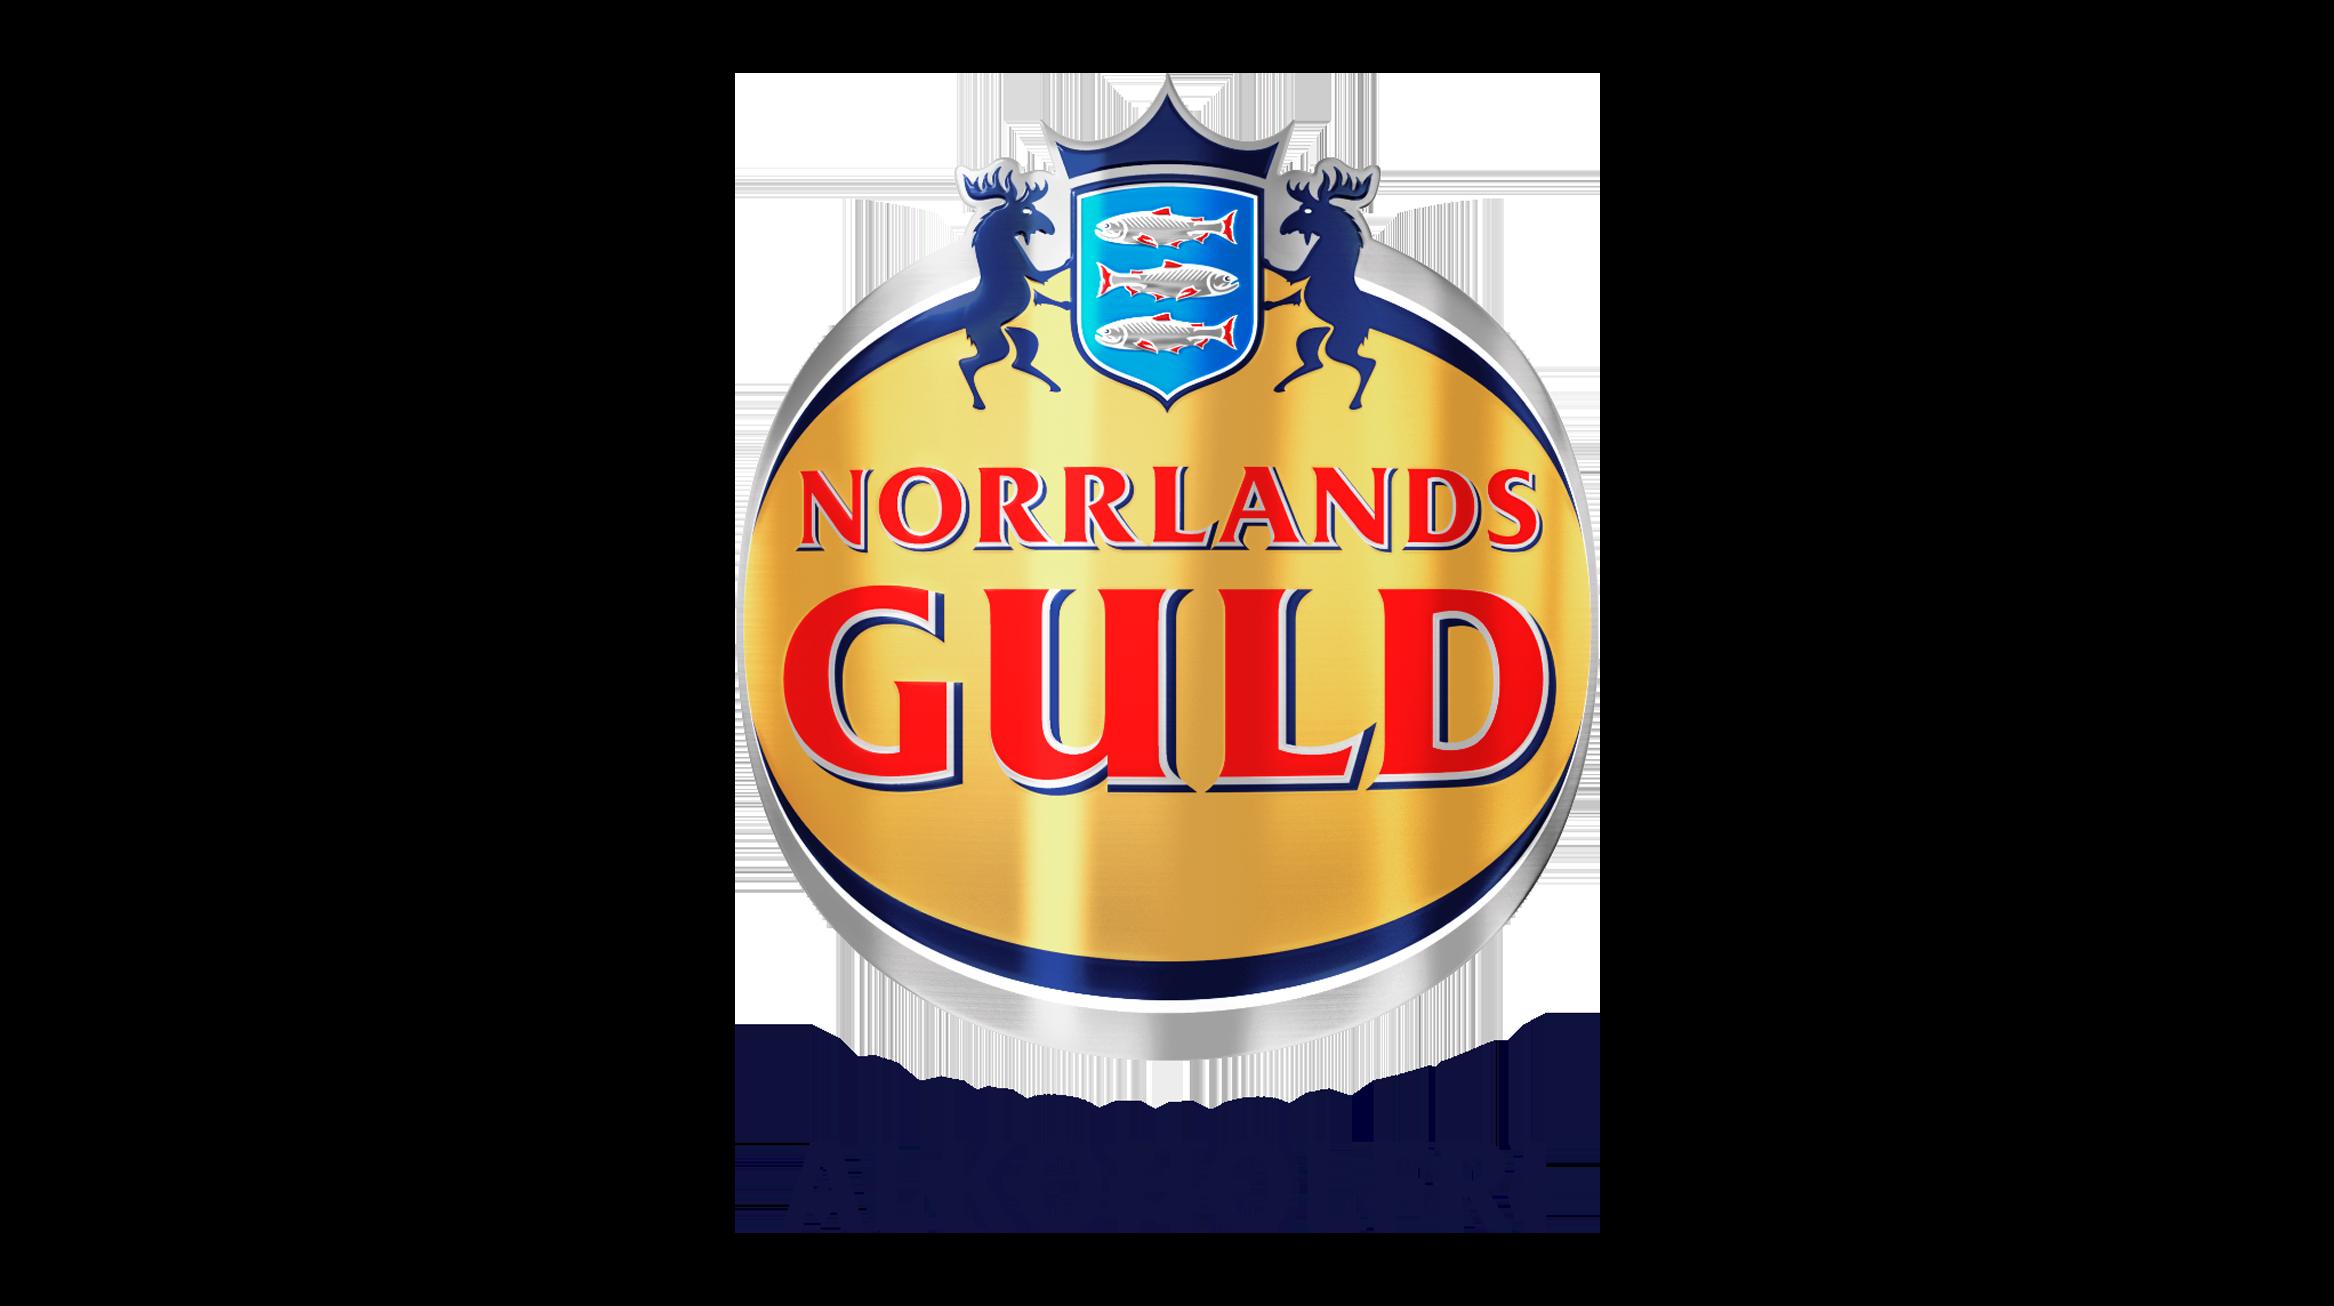 logos_norrlands